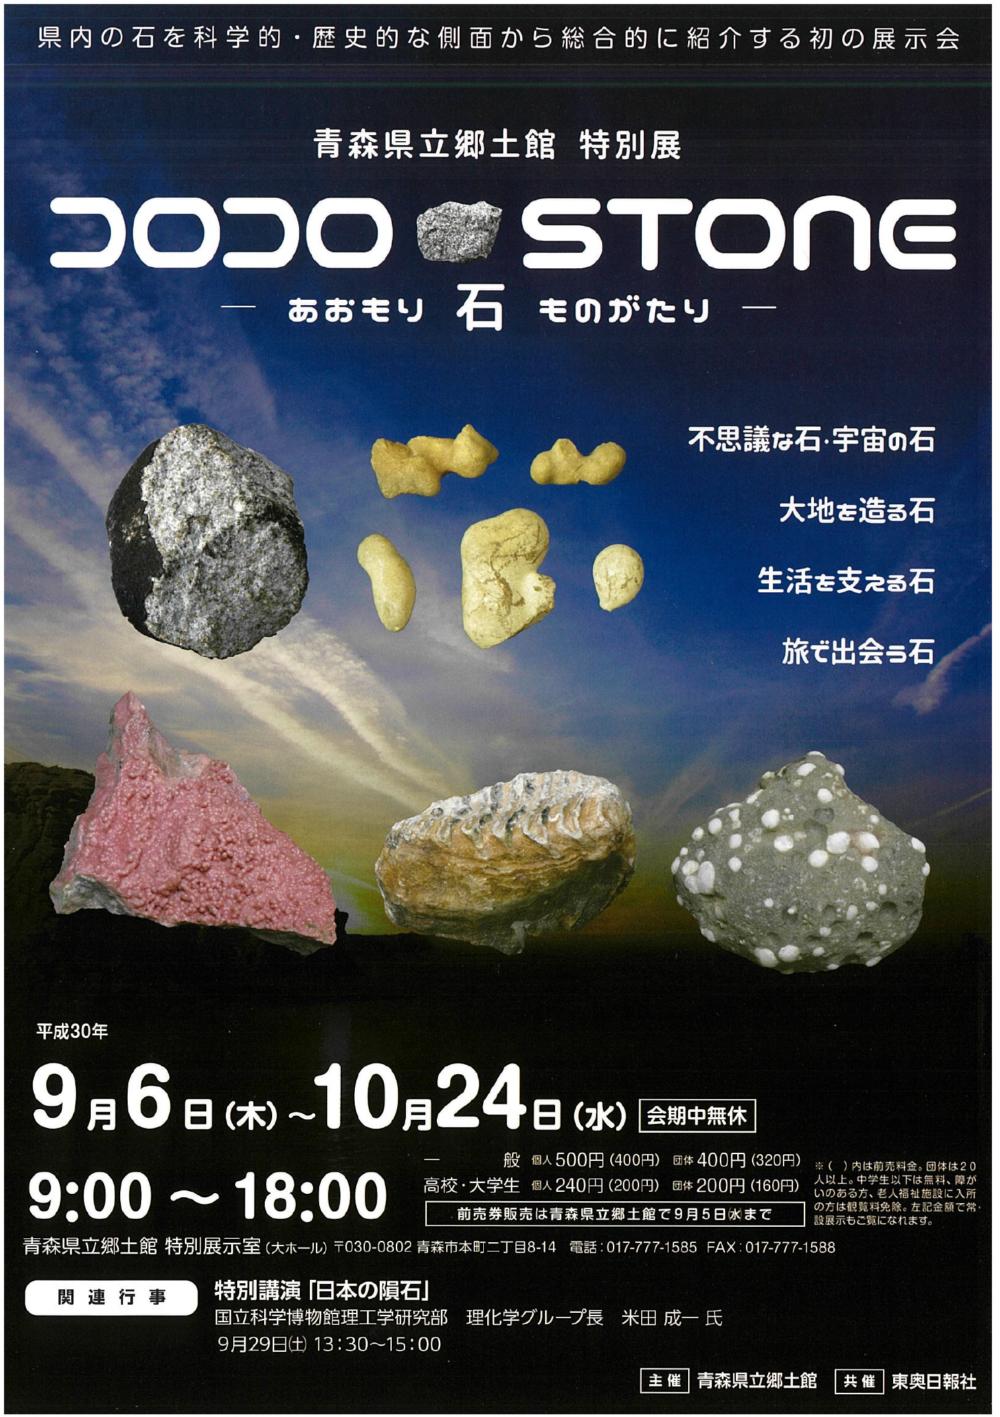 特別展「コロコロ・STONEーあおもり石ものがたりー」